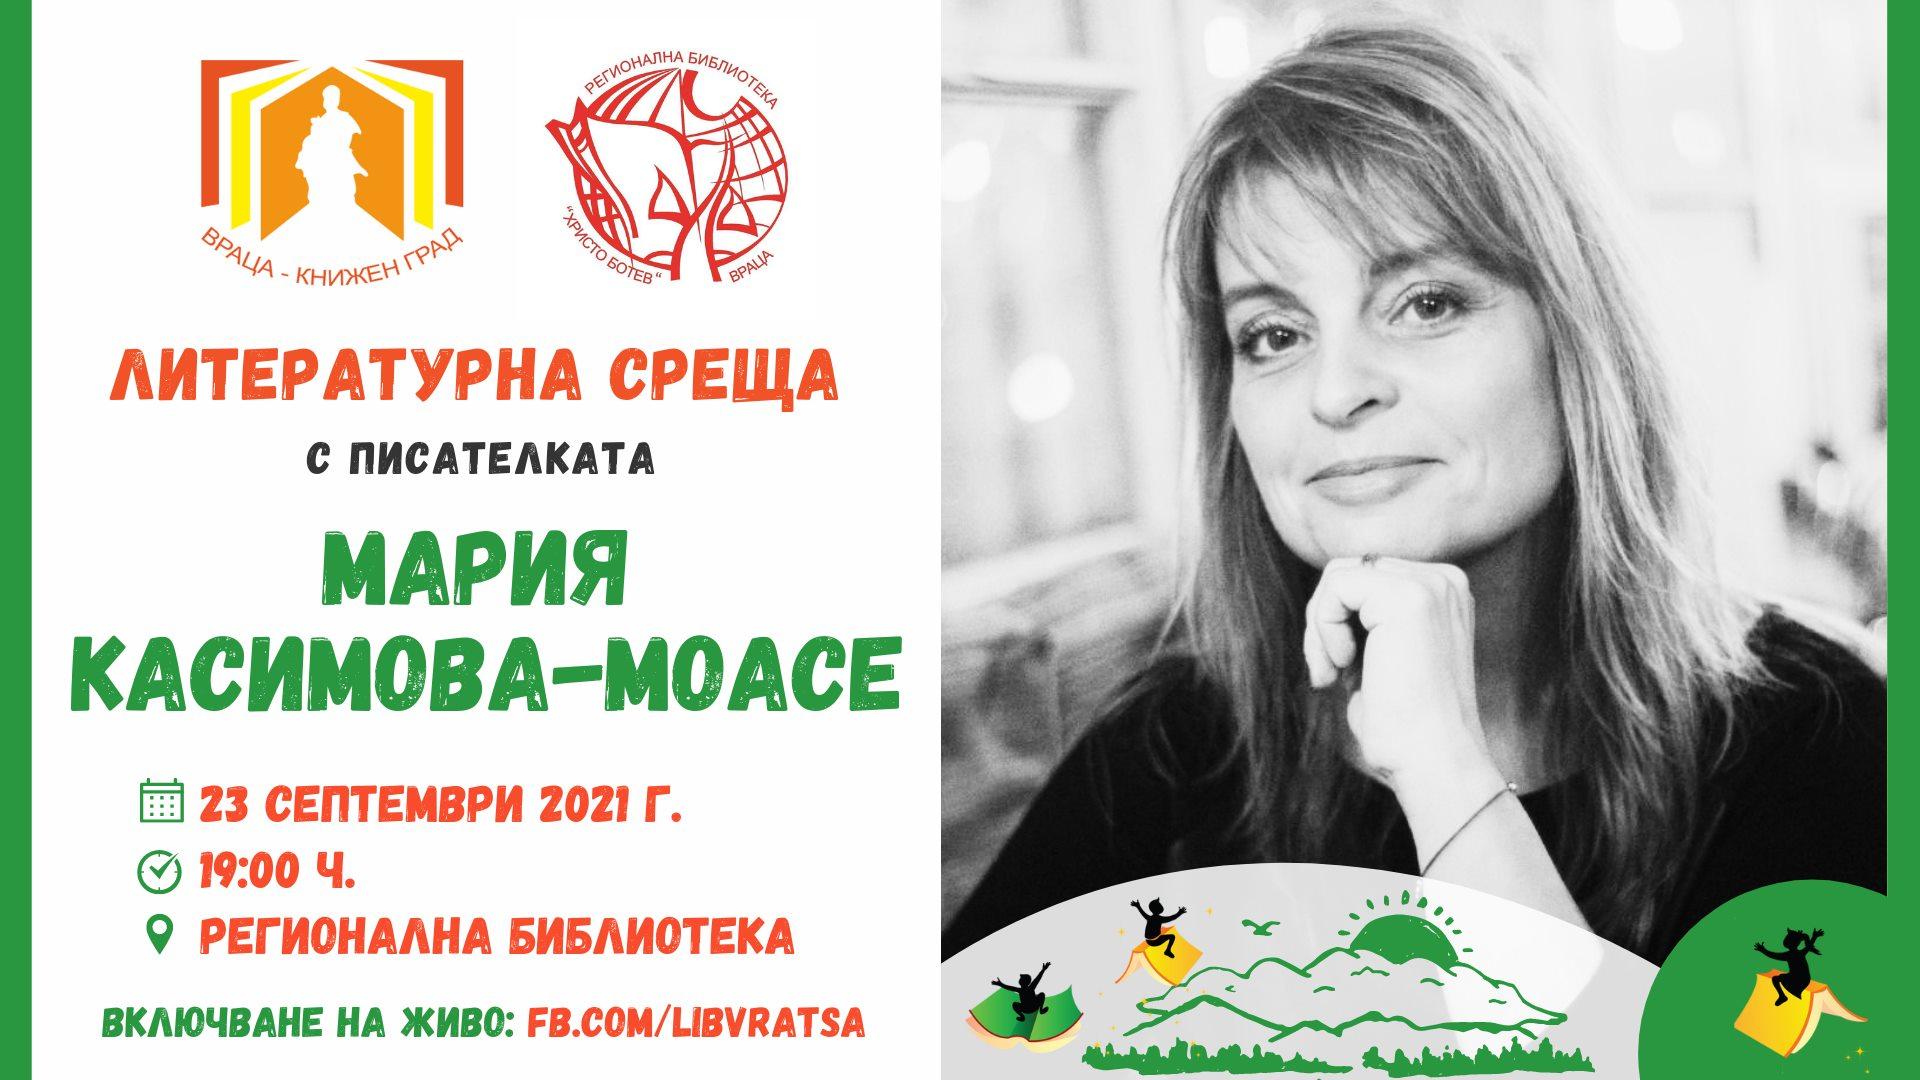 Литературна среща с Мария Касимова-Моасе във Враца